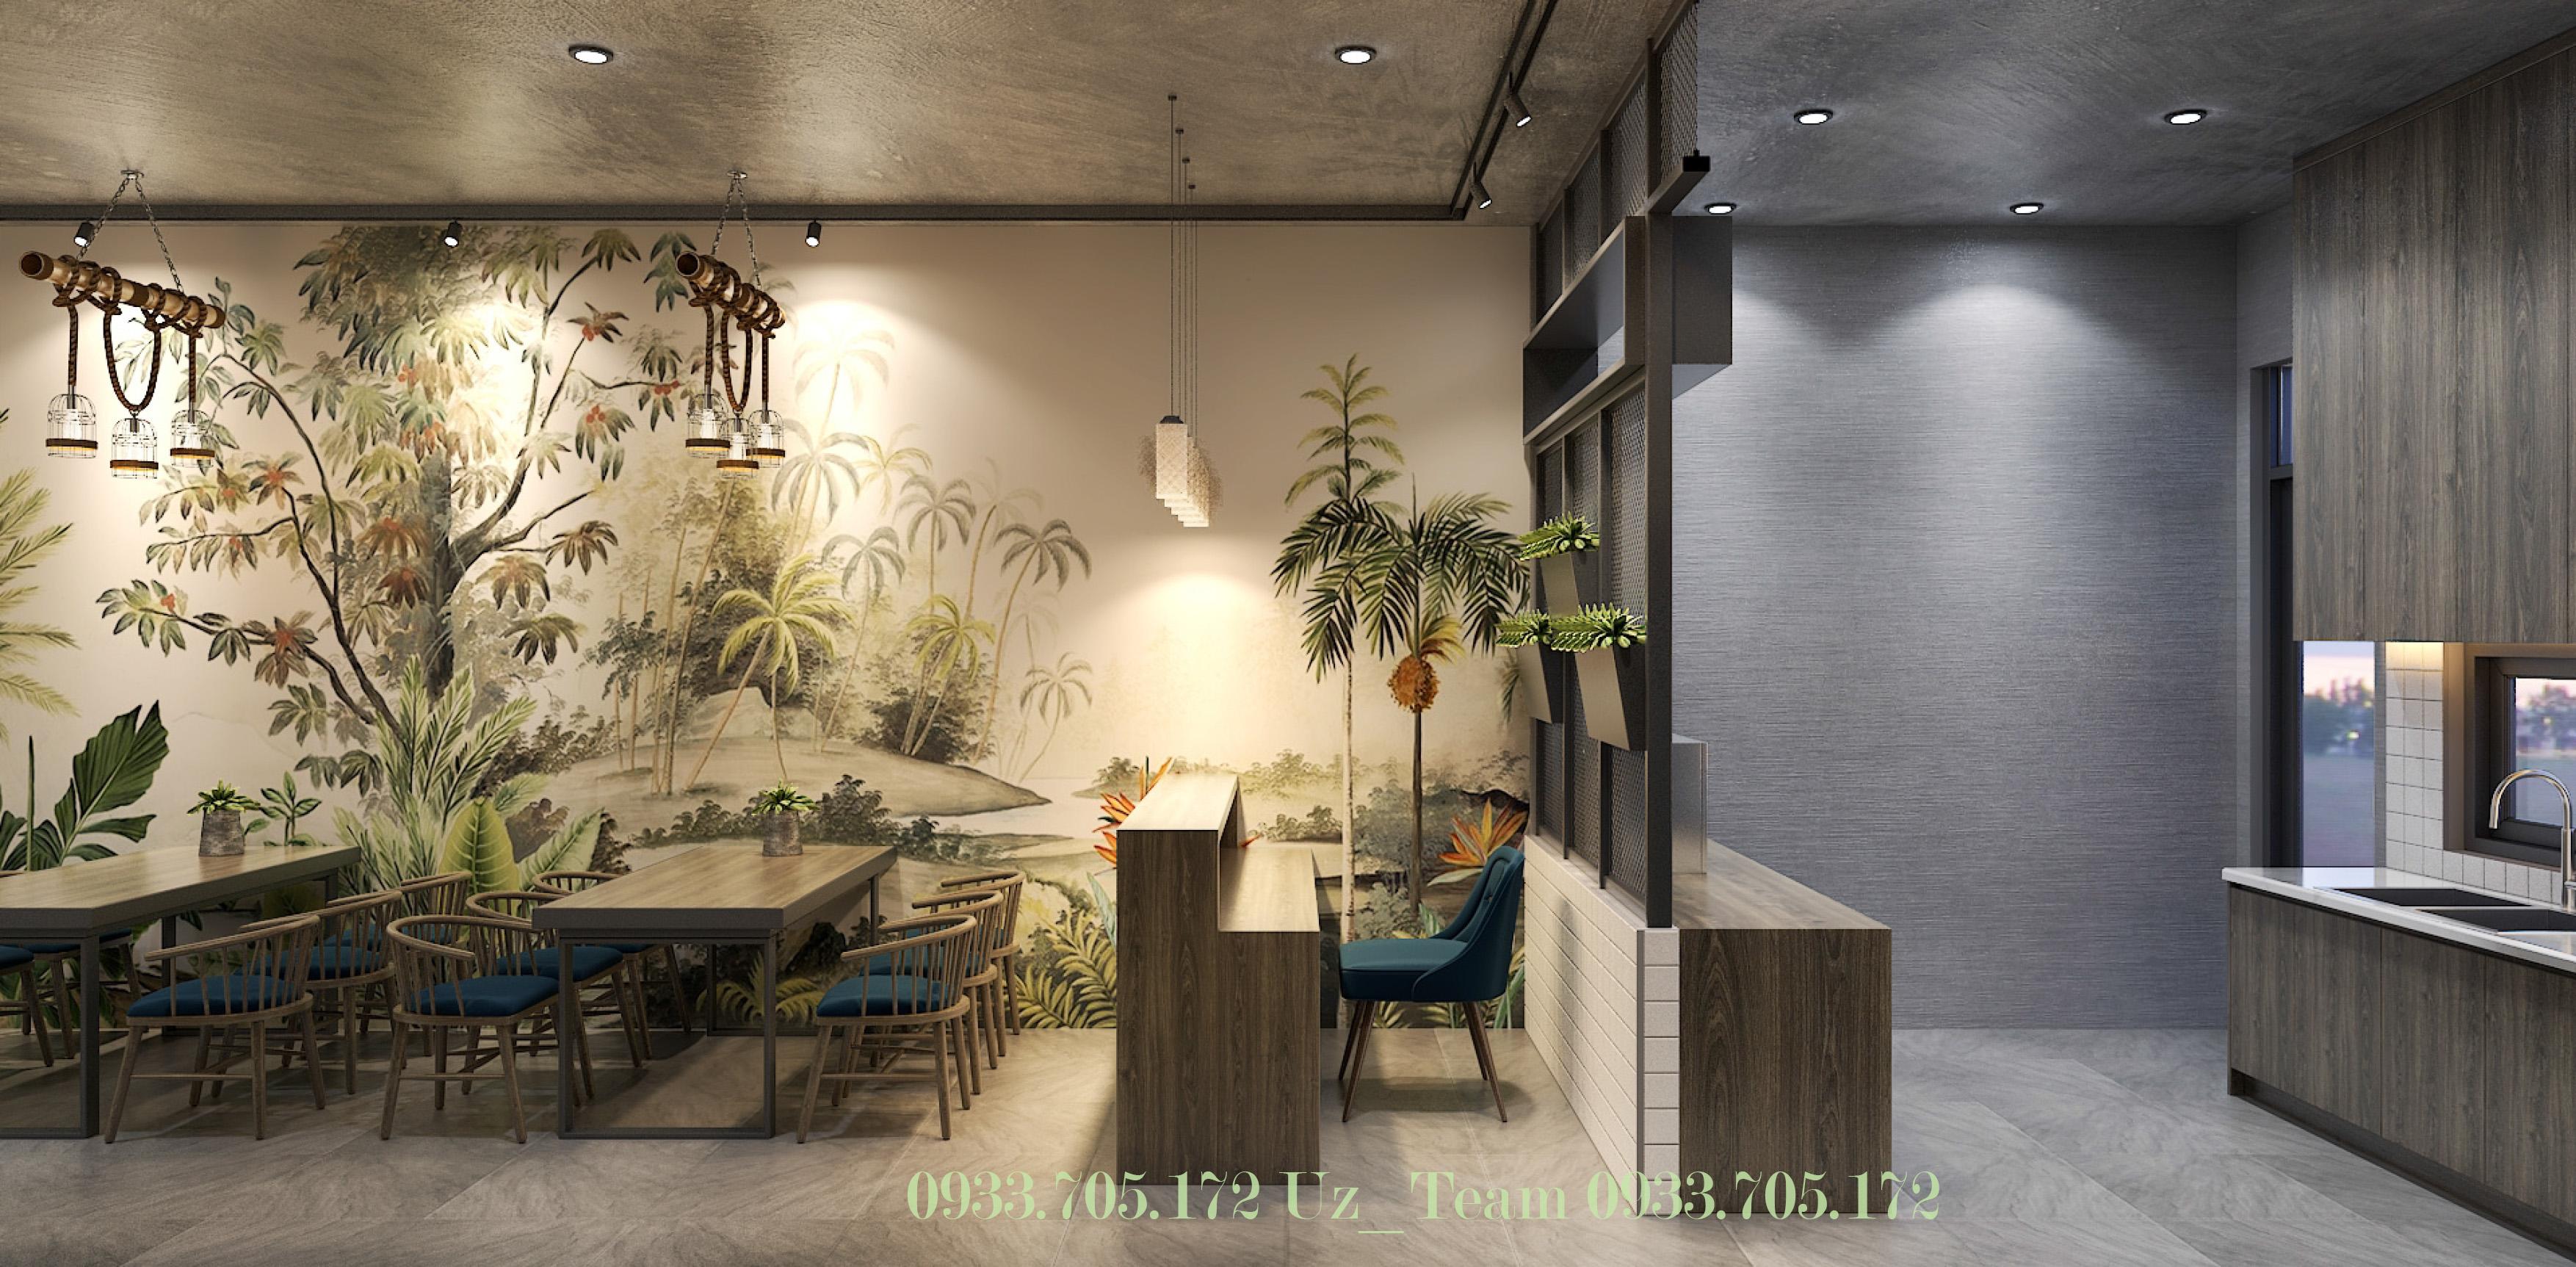 Thiết kế nội thất Cafe tại Hồ Chí Minh COFFEE HOÀNG VĨNH 1634052089 3